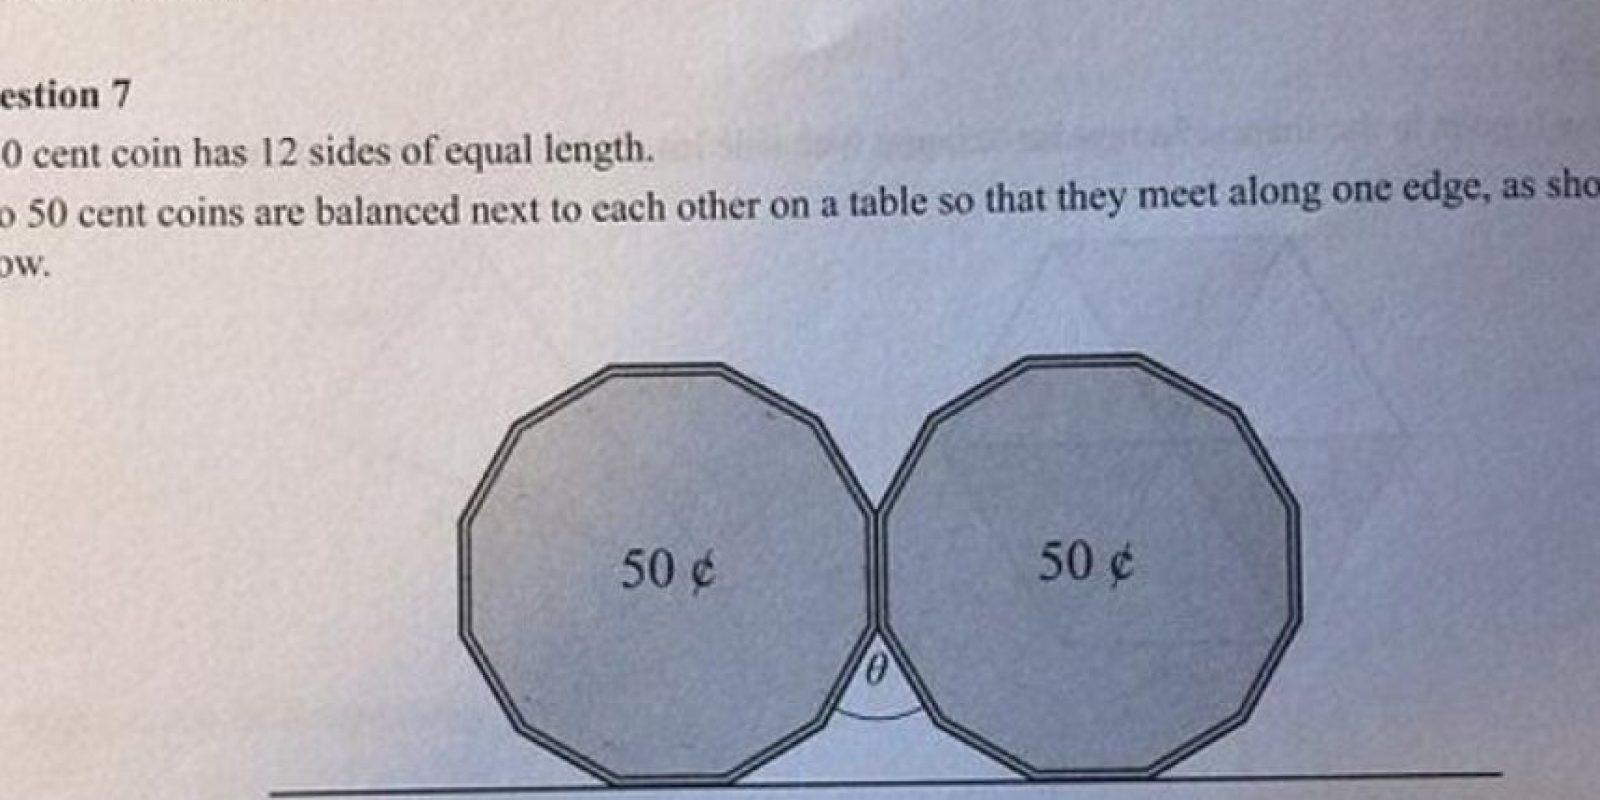 Los desafíos matemáticos suelen tener mucha popularidad en las redes sociales. Foto:YouTube/screengrab